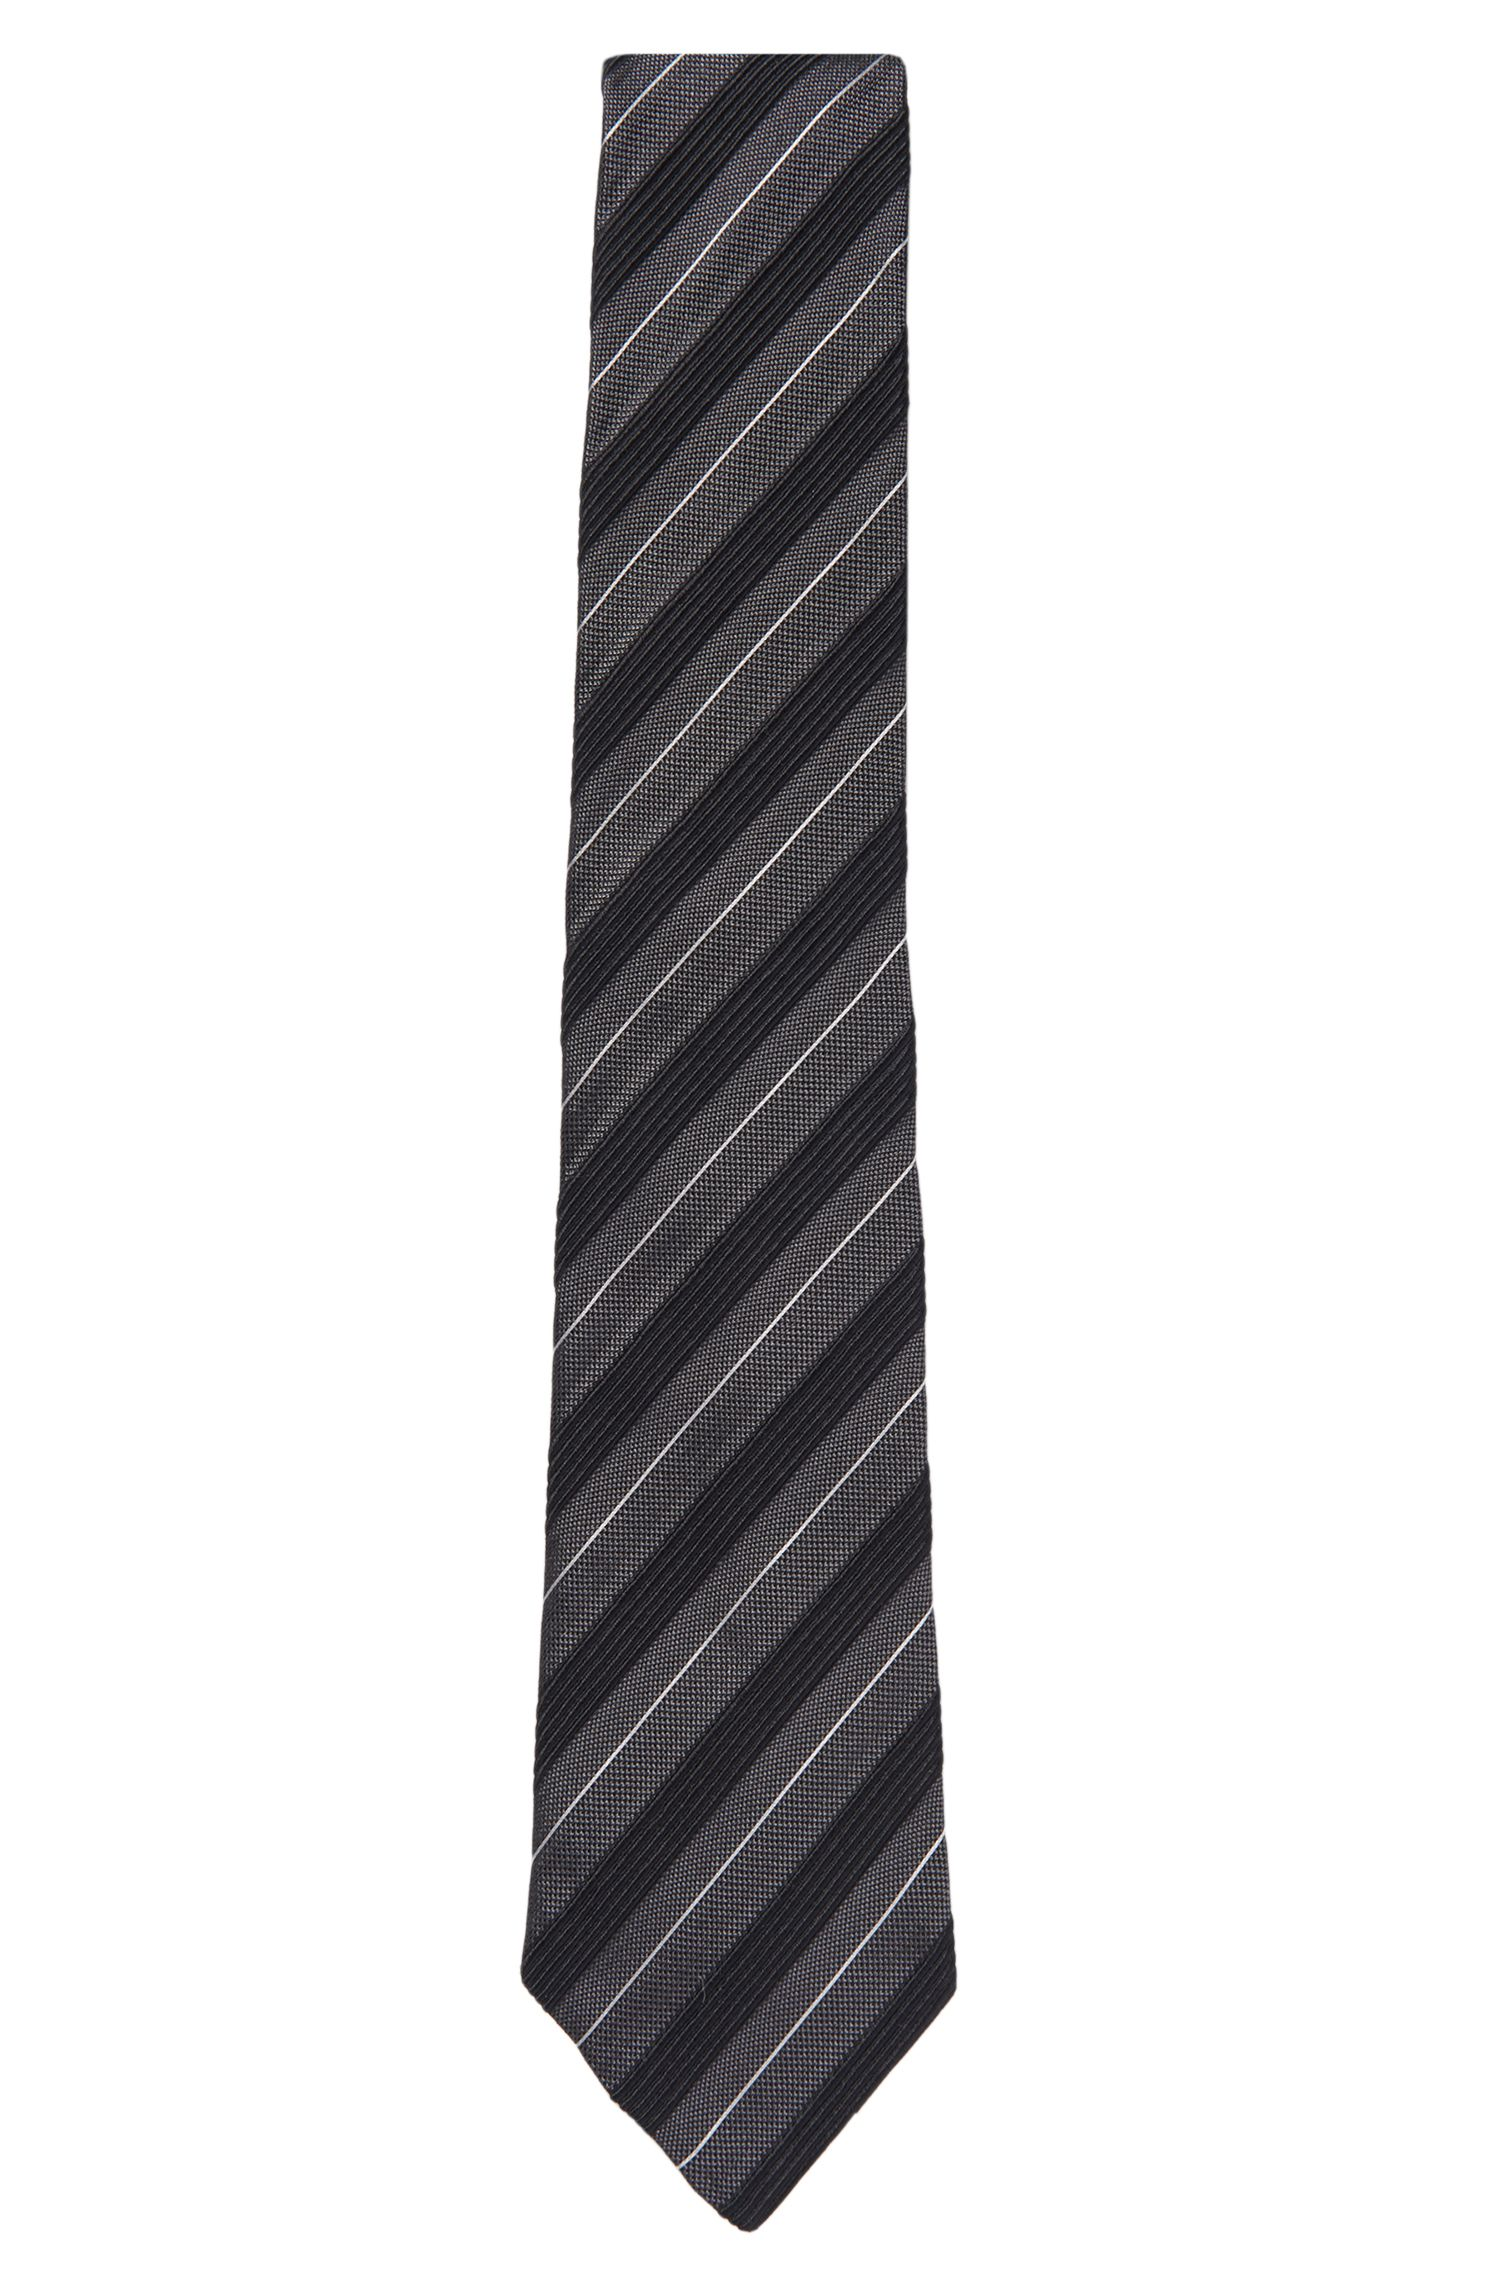 'Tie 7.5 cm' | Regular, Silk Cotton Blend Tie